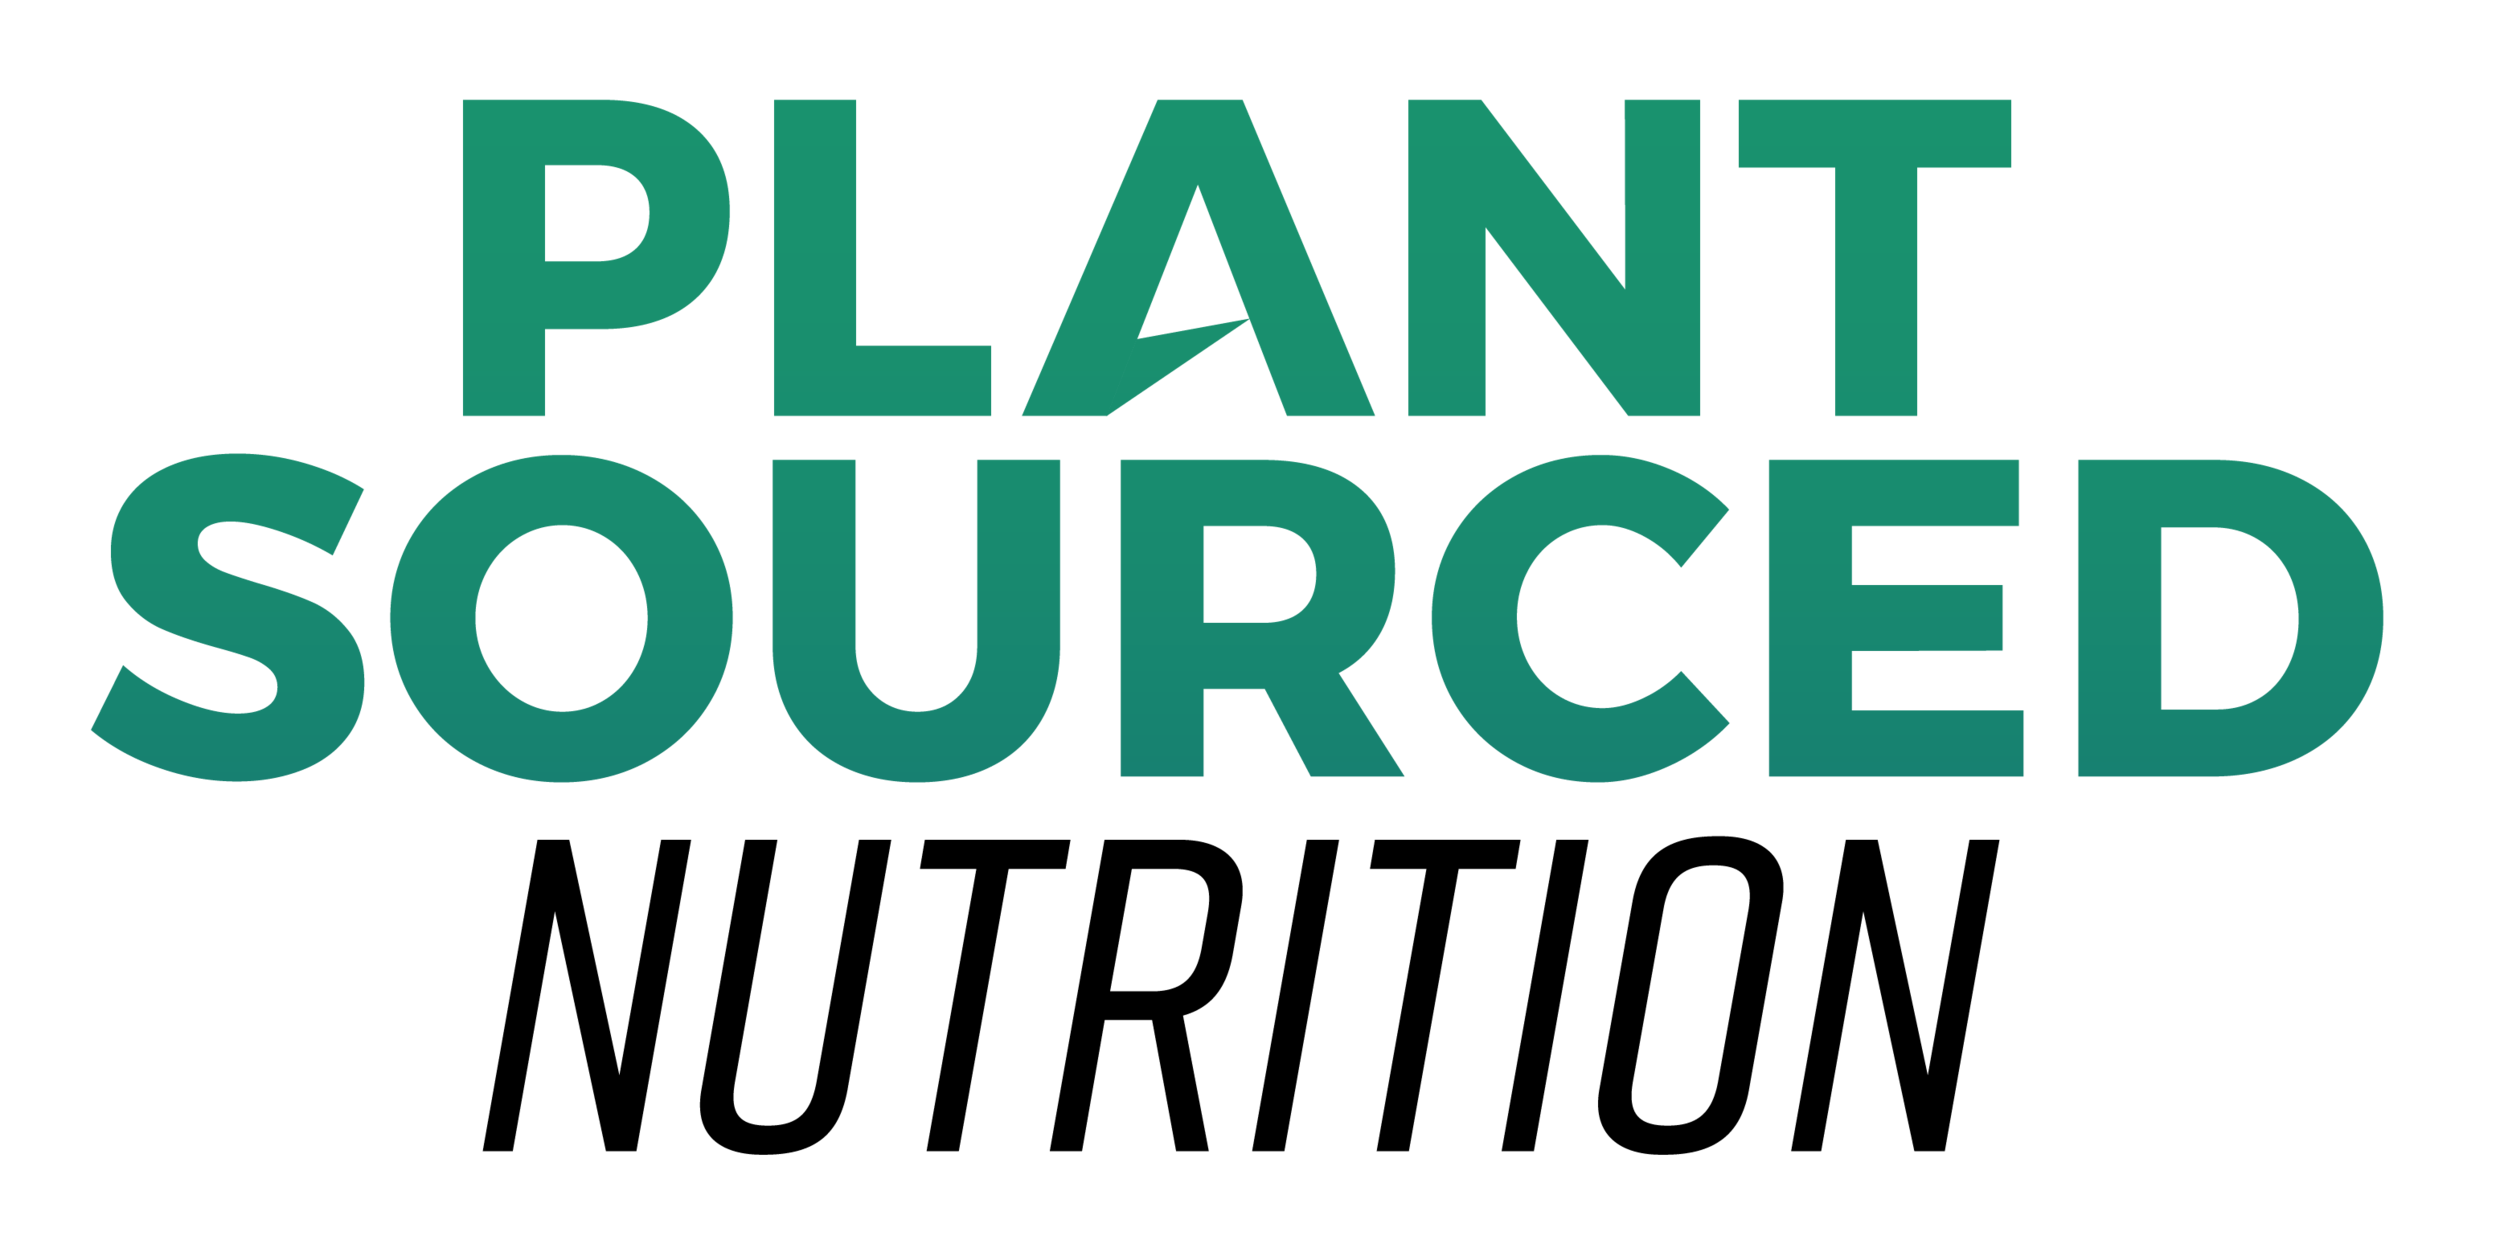 plantsourcednutritiongreentextwide.png